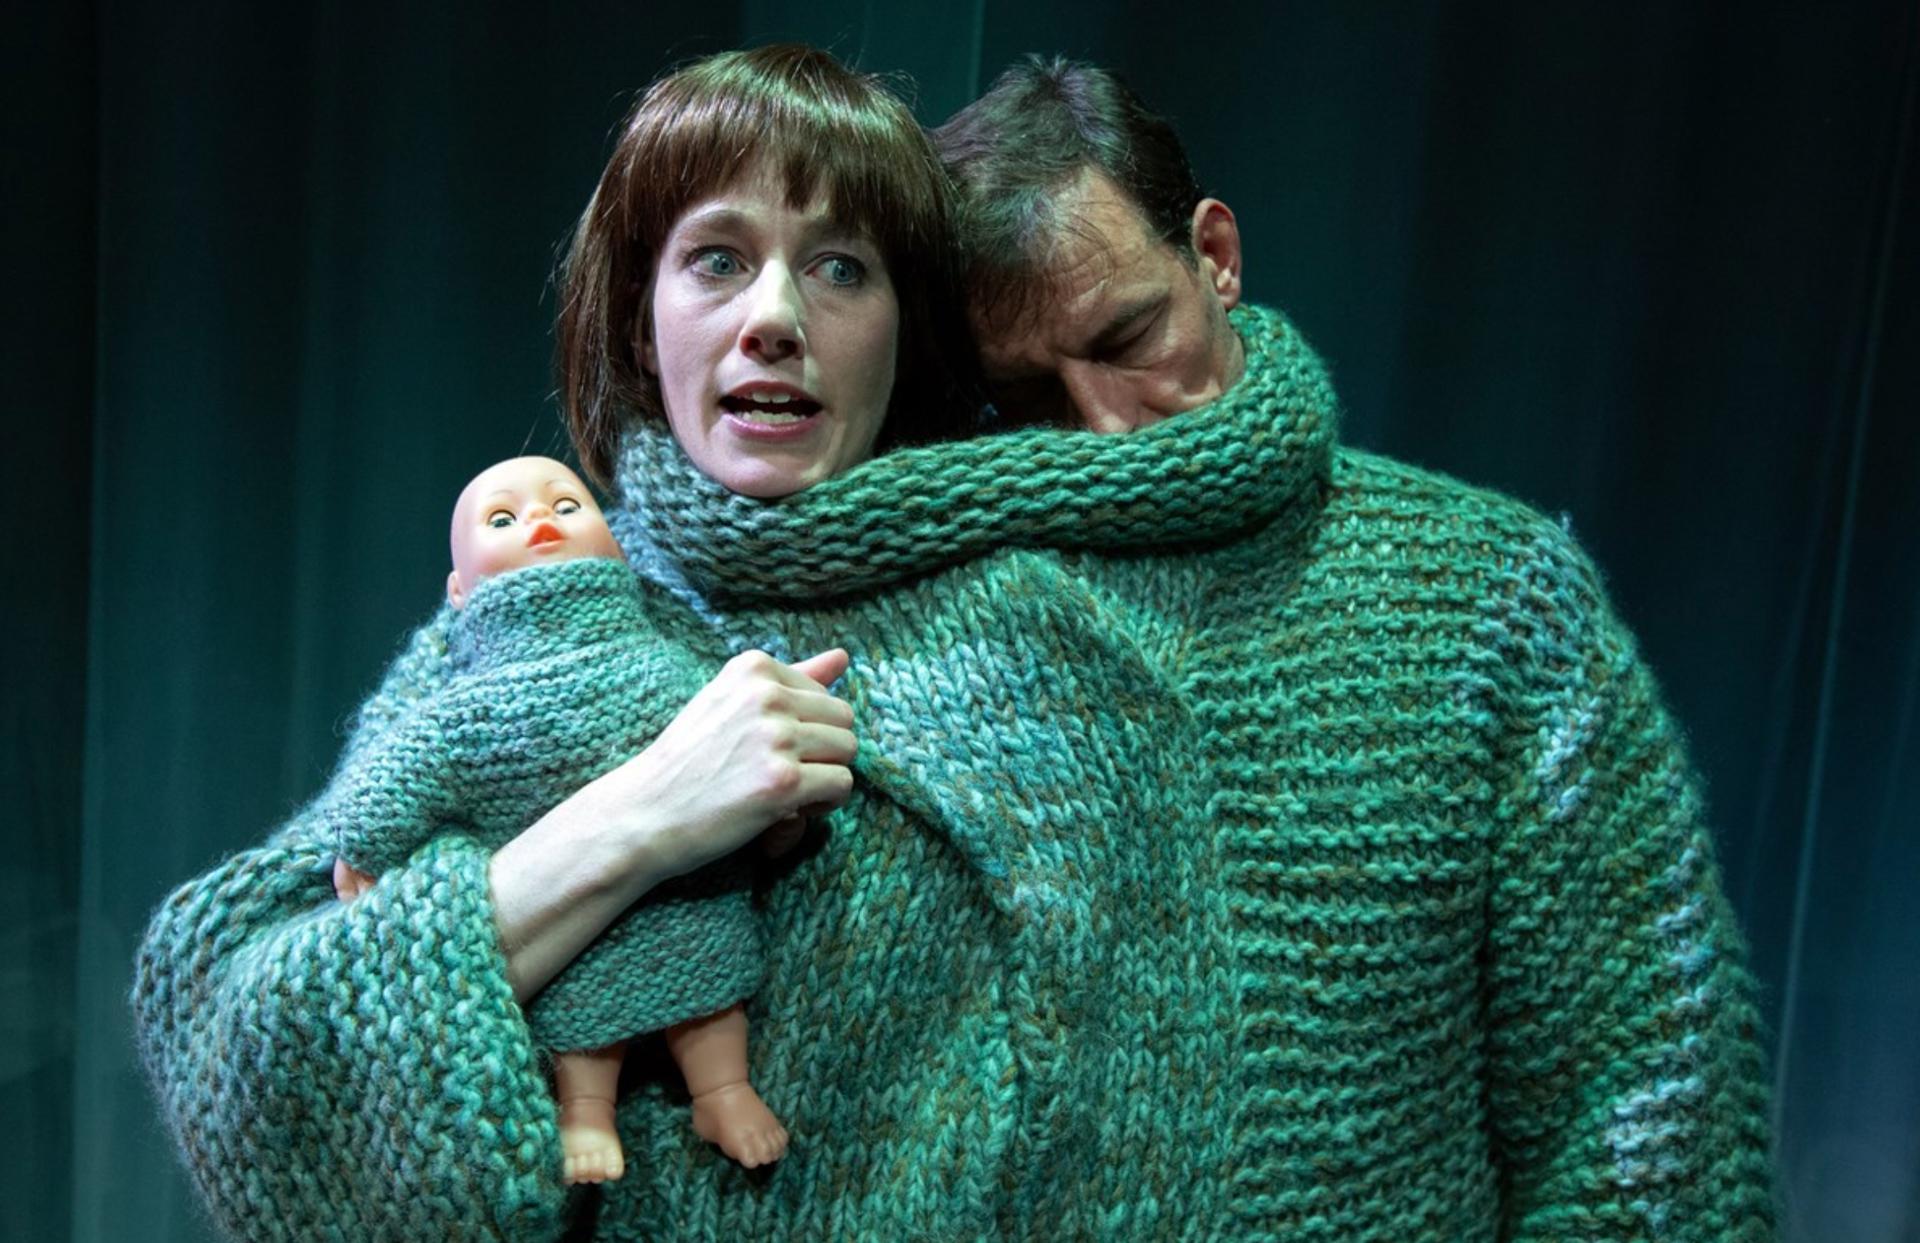 Så længe mit hjerte slår: Giro 413-sange får nyt liv i humoristisk forestilling på Scala i Aarhus